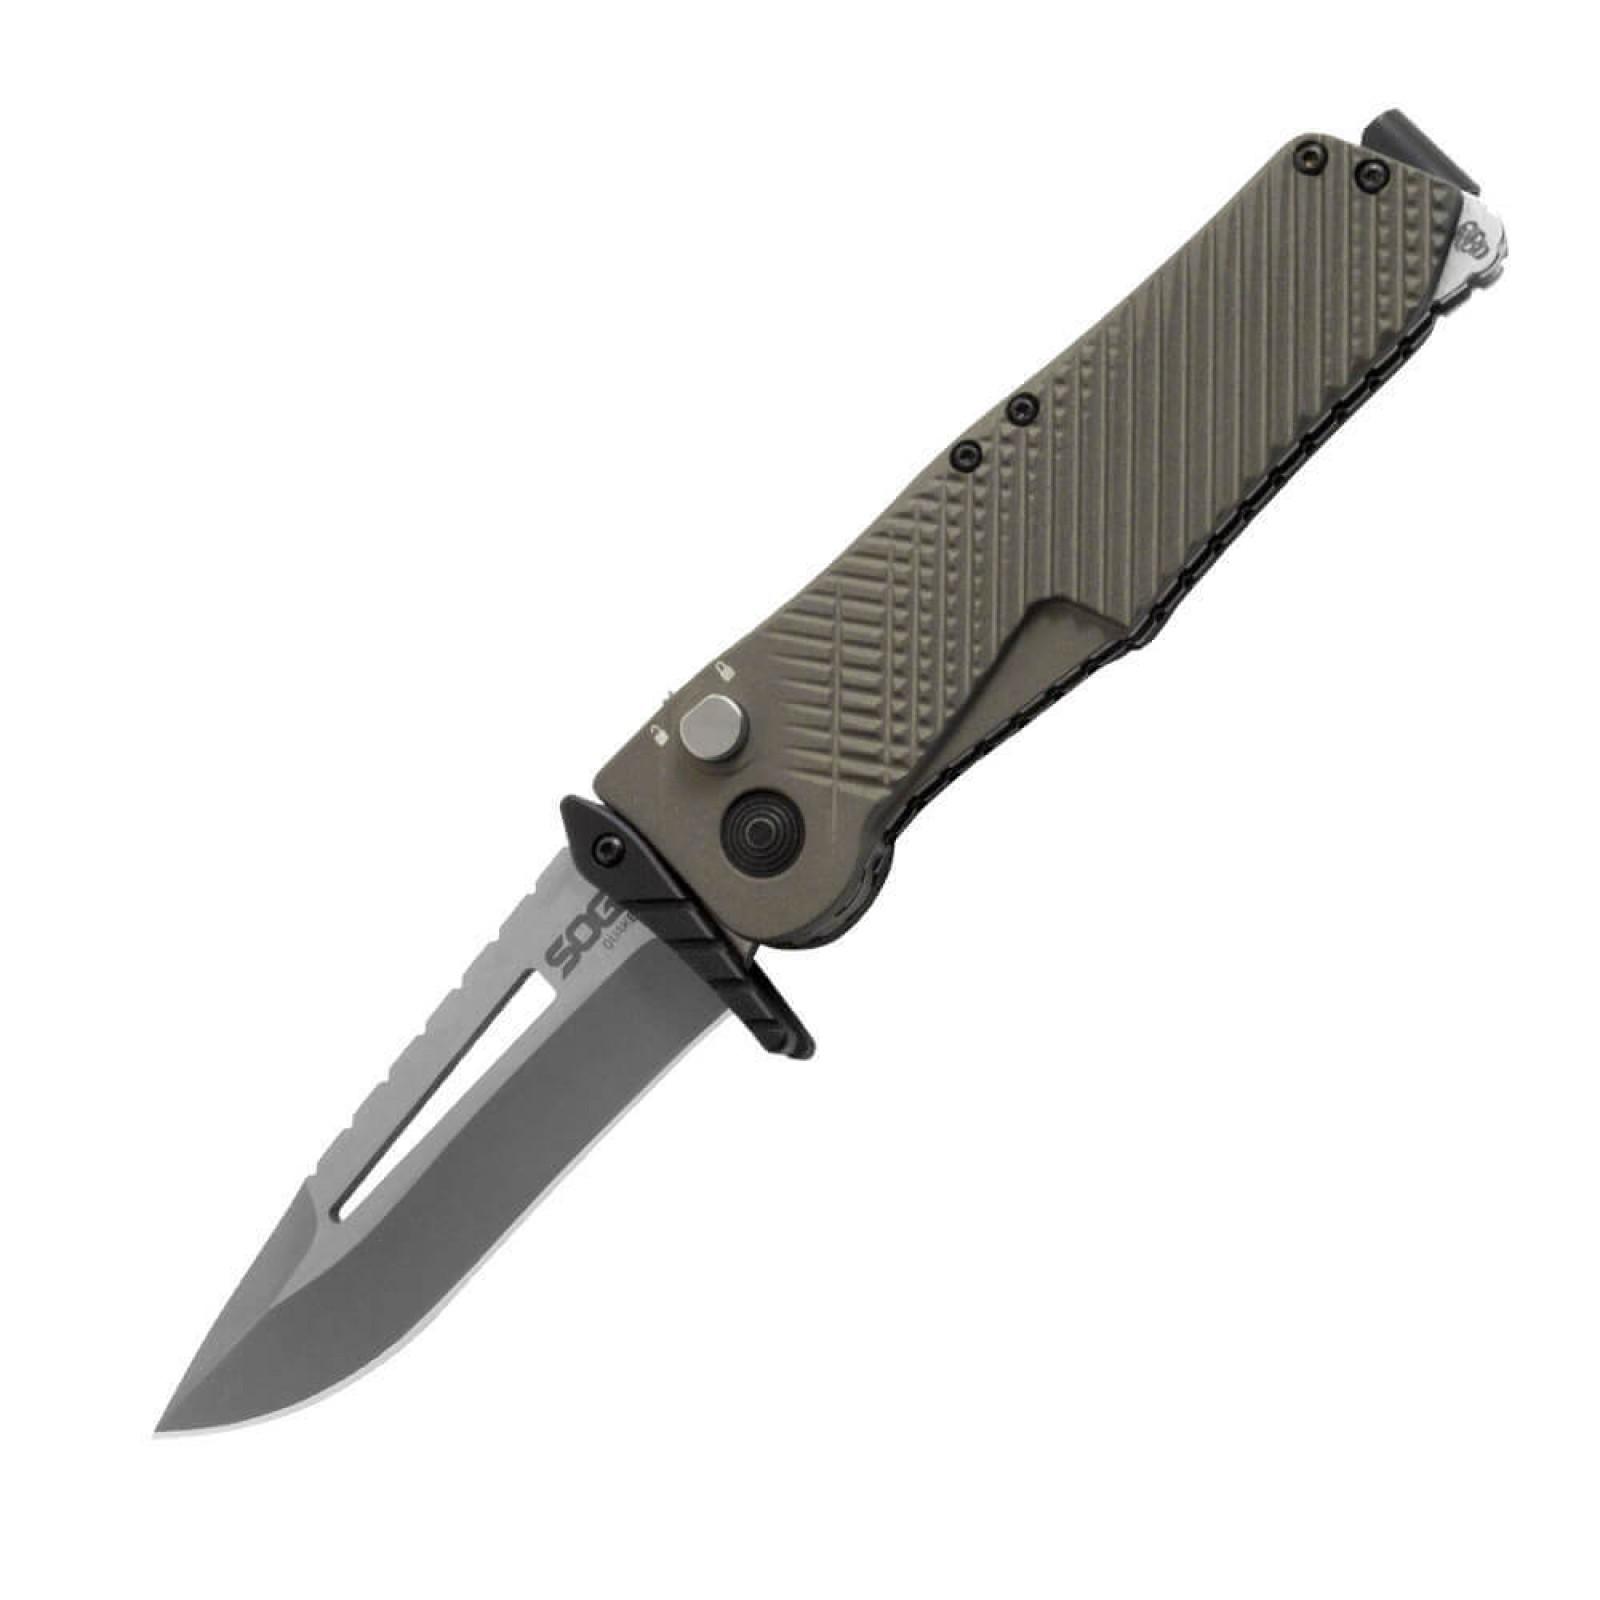 Фото 4 - Складной нож Quake - SOG IM1001, сталь VG-10, рукоять алюминий, зелёный